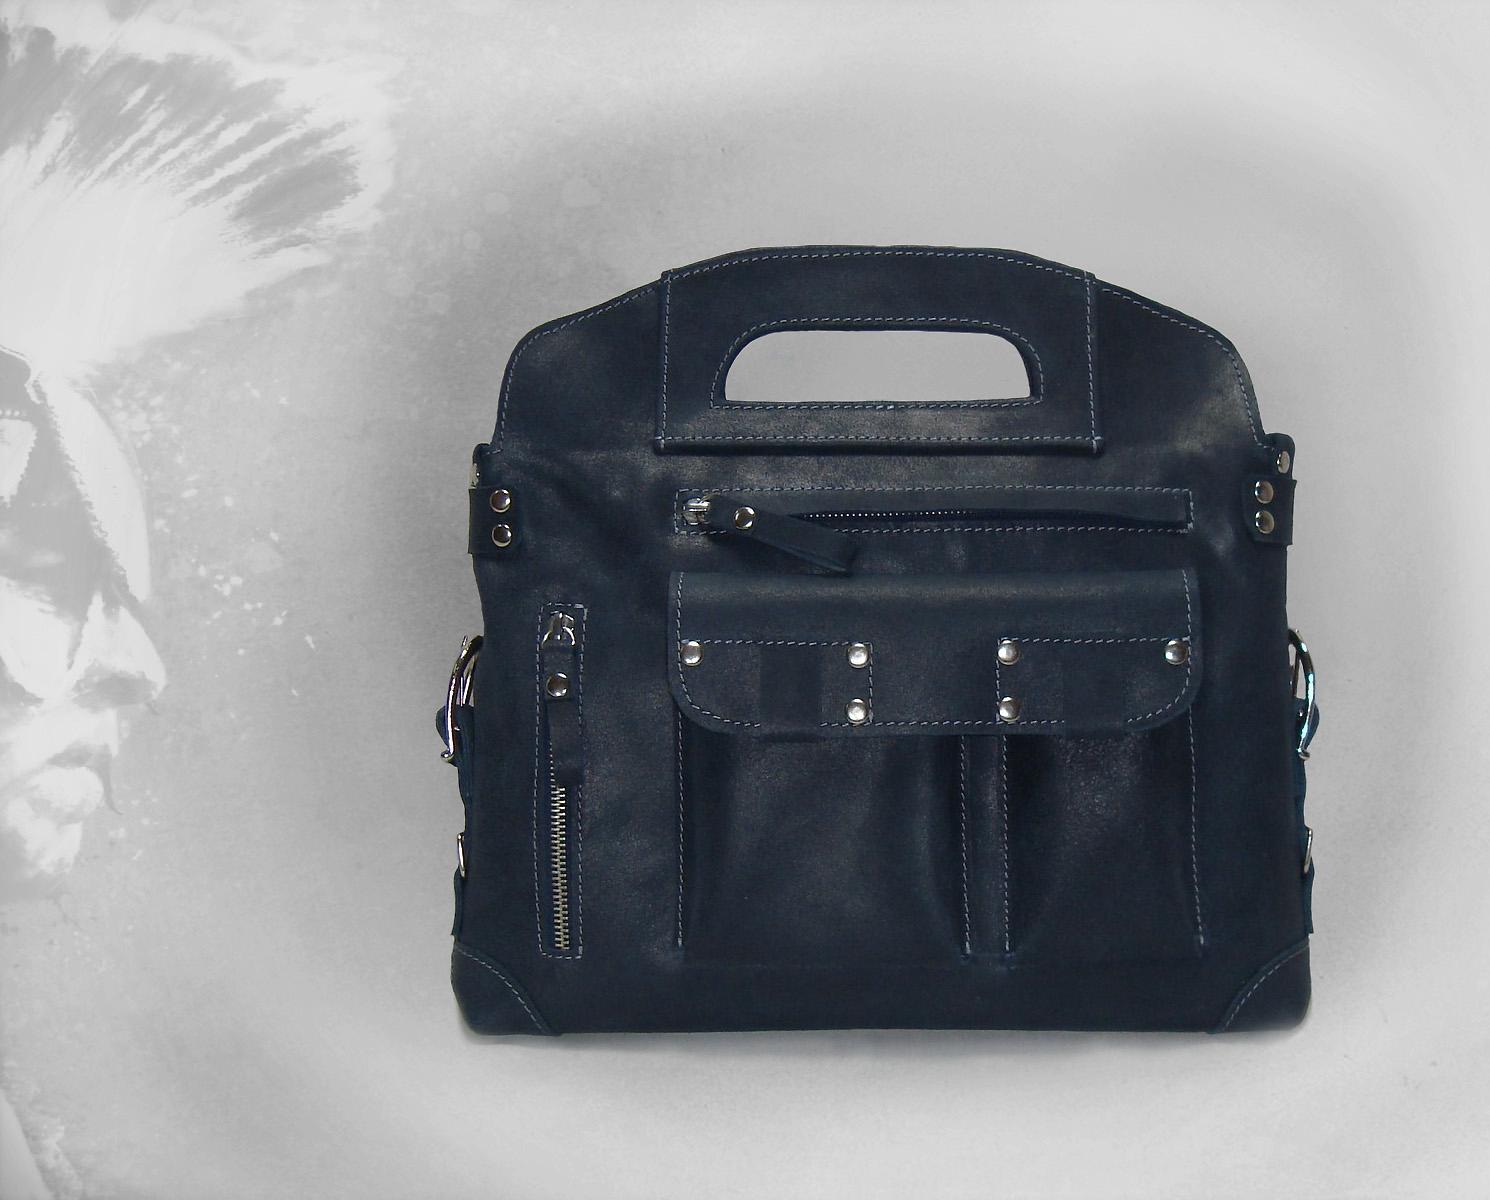 Сумка Модель №11Сумки и др. изделия из кожи<br>Общая высота сумки:31 см<br>Высота до ручек:23 см<br>Ширина сумки верх:32 см<br>Ширина сумки низ:31 см<br>Ширина дна:5 см<br>Длинна ремня:140 см<br><br>Тип: Сумка<br>Размер: -<br>Материал: Натуральная кожа